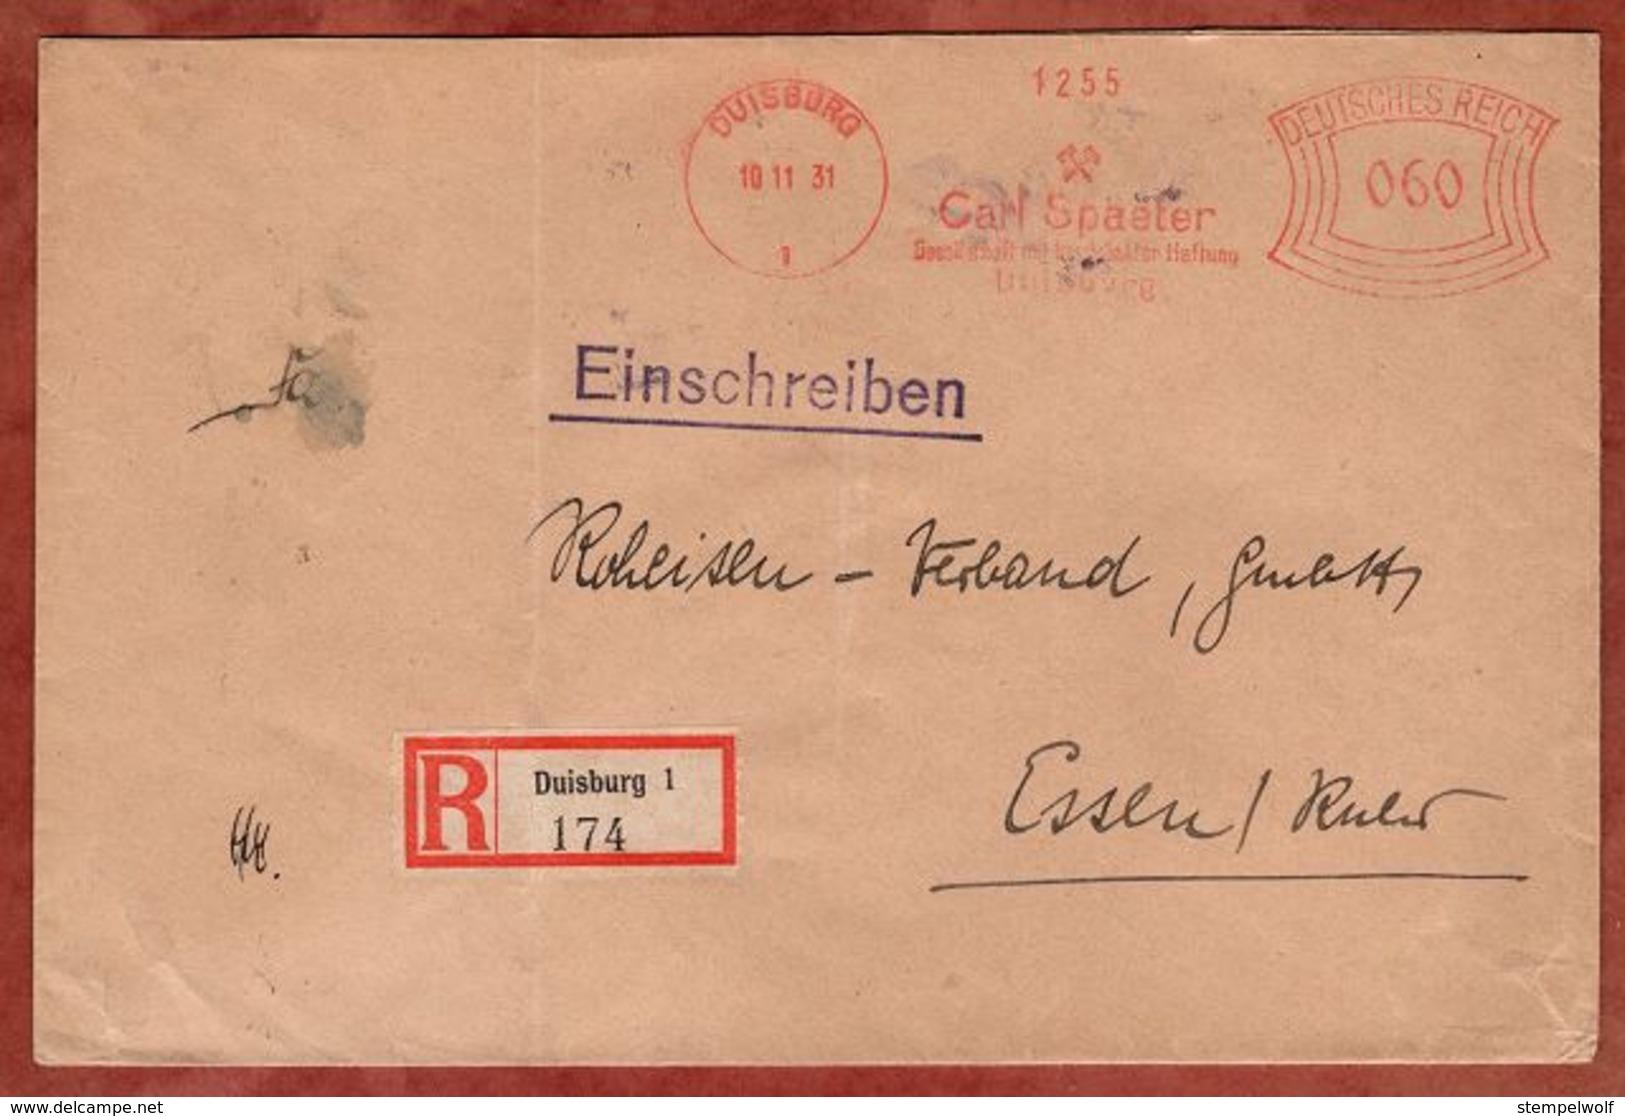 Einschreiben Reco, Absenderfreistempel, Carl Spaeter, 60 Rpf, Duisburg 1931 (82108) - Deutschland